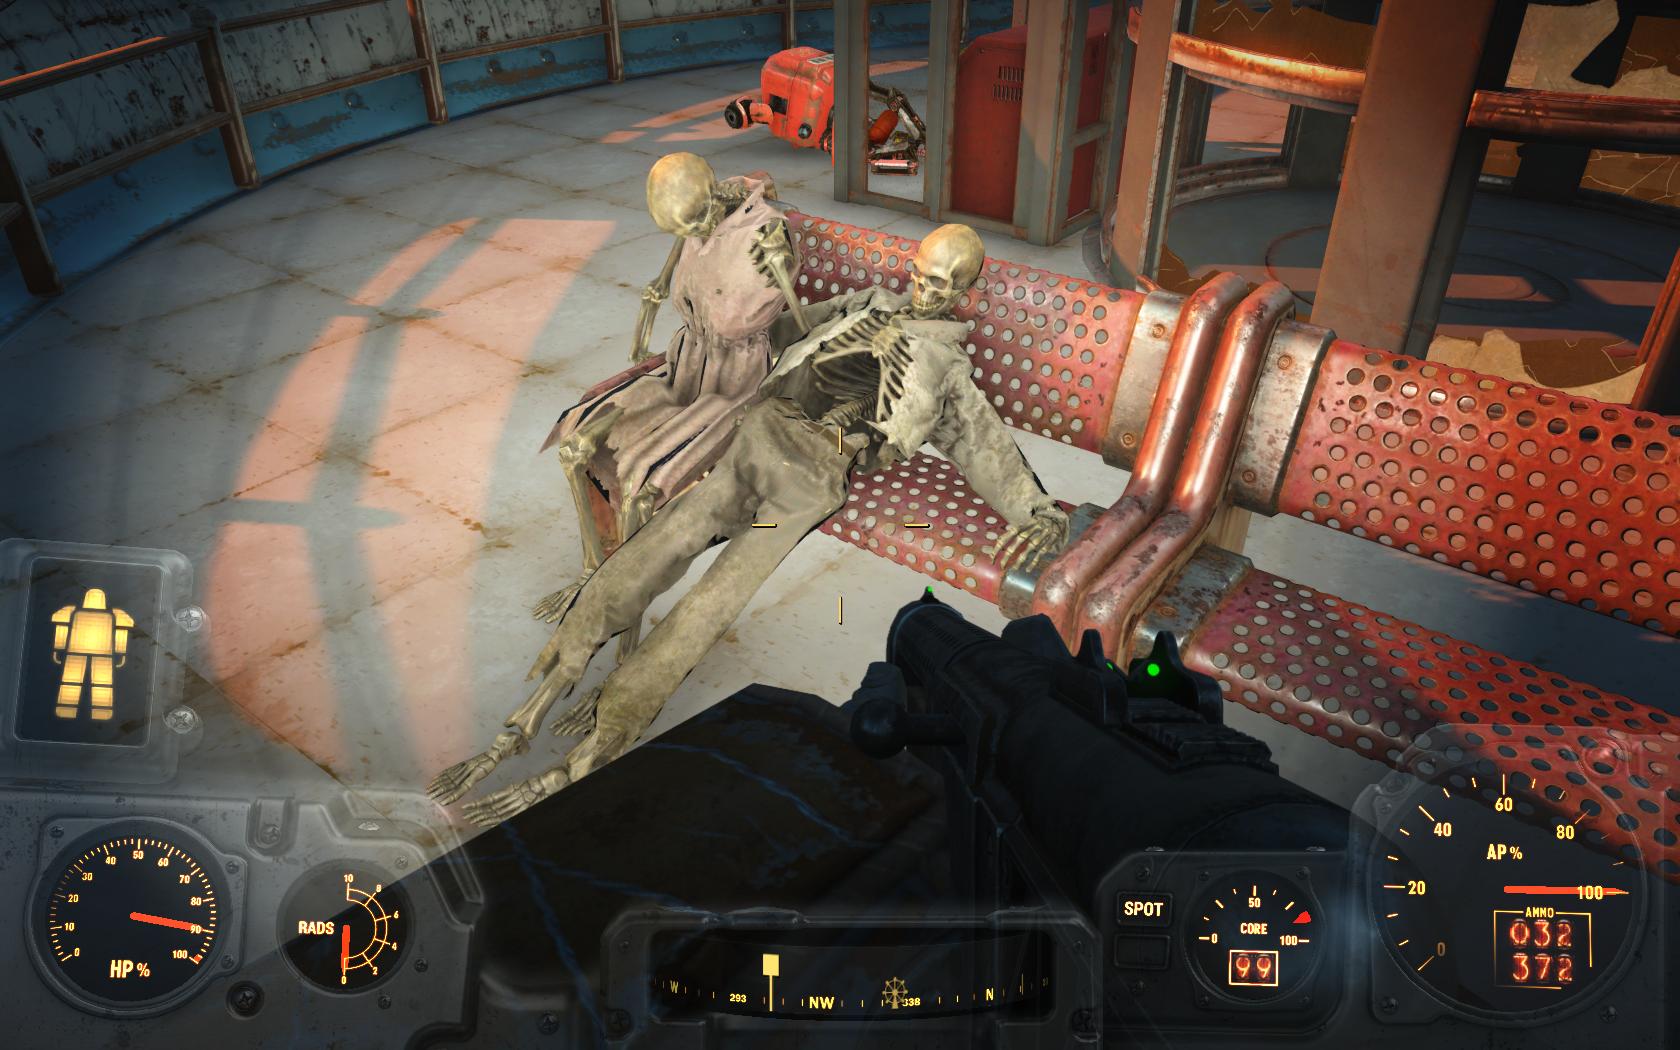 Сладкая парочка (Ядер-Мир, Крыша Ядер-Космопорта) - Fallout 4 Nuka-World, Ядер-Мир